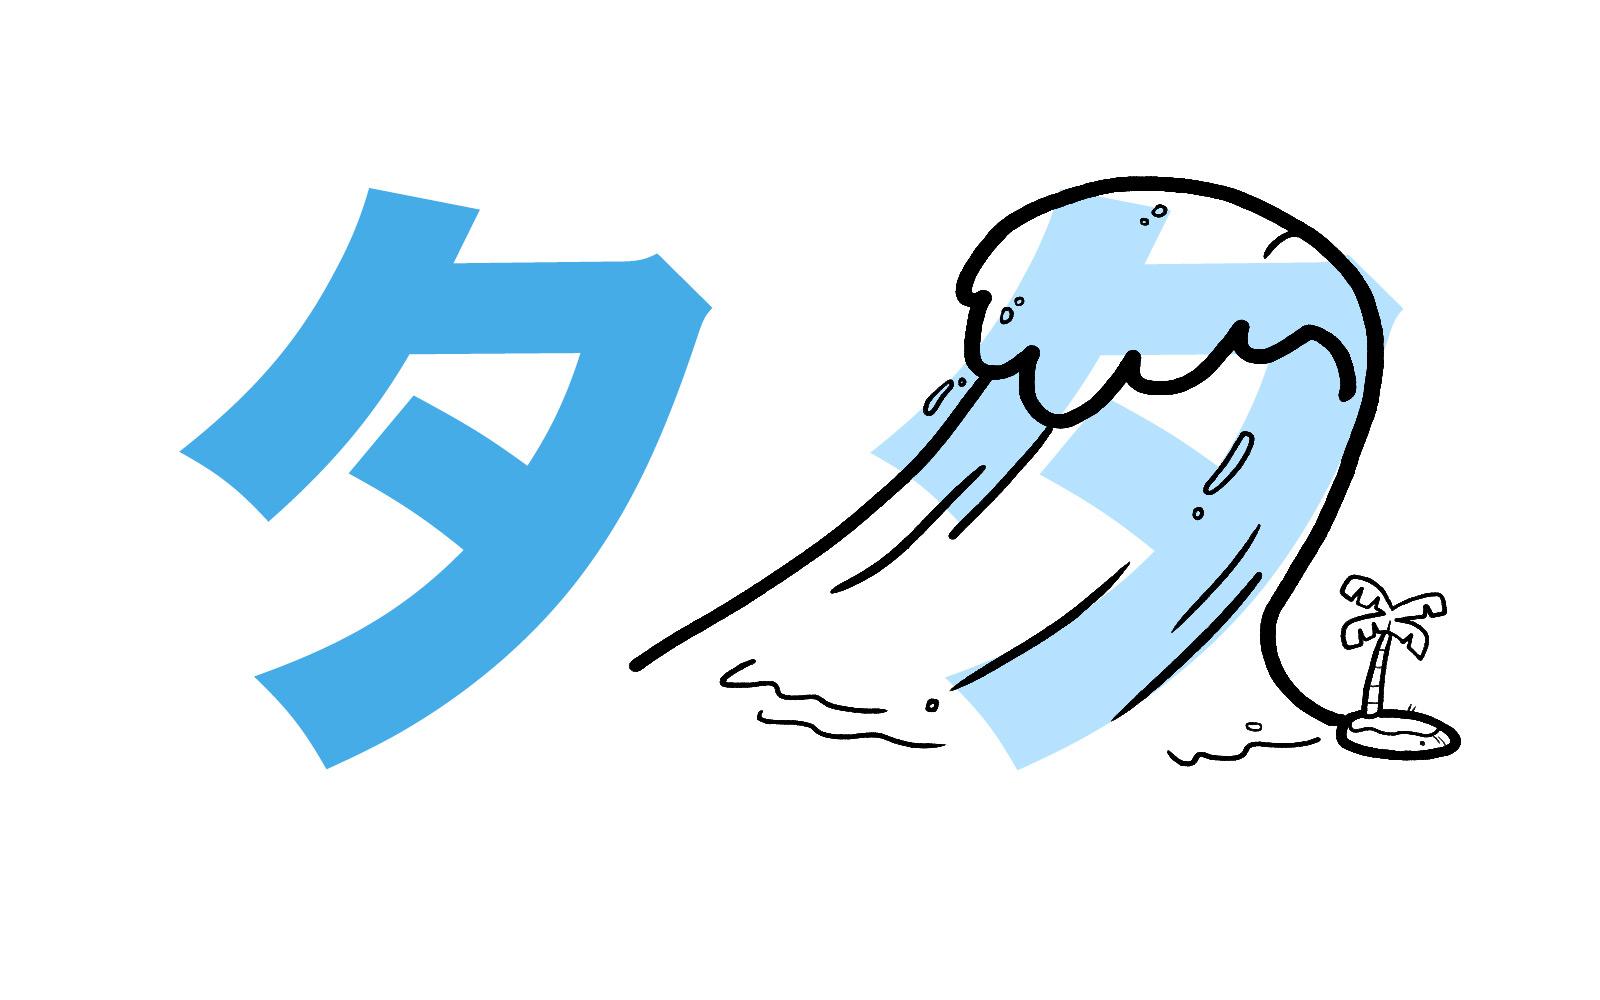 Katakana character タ mnemonic